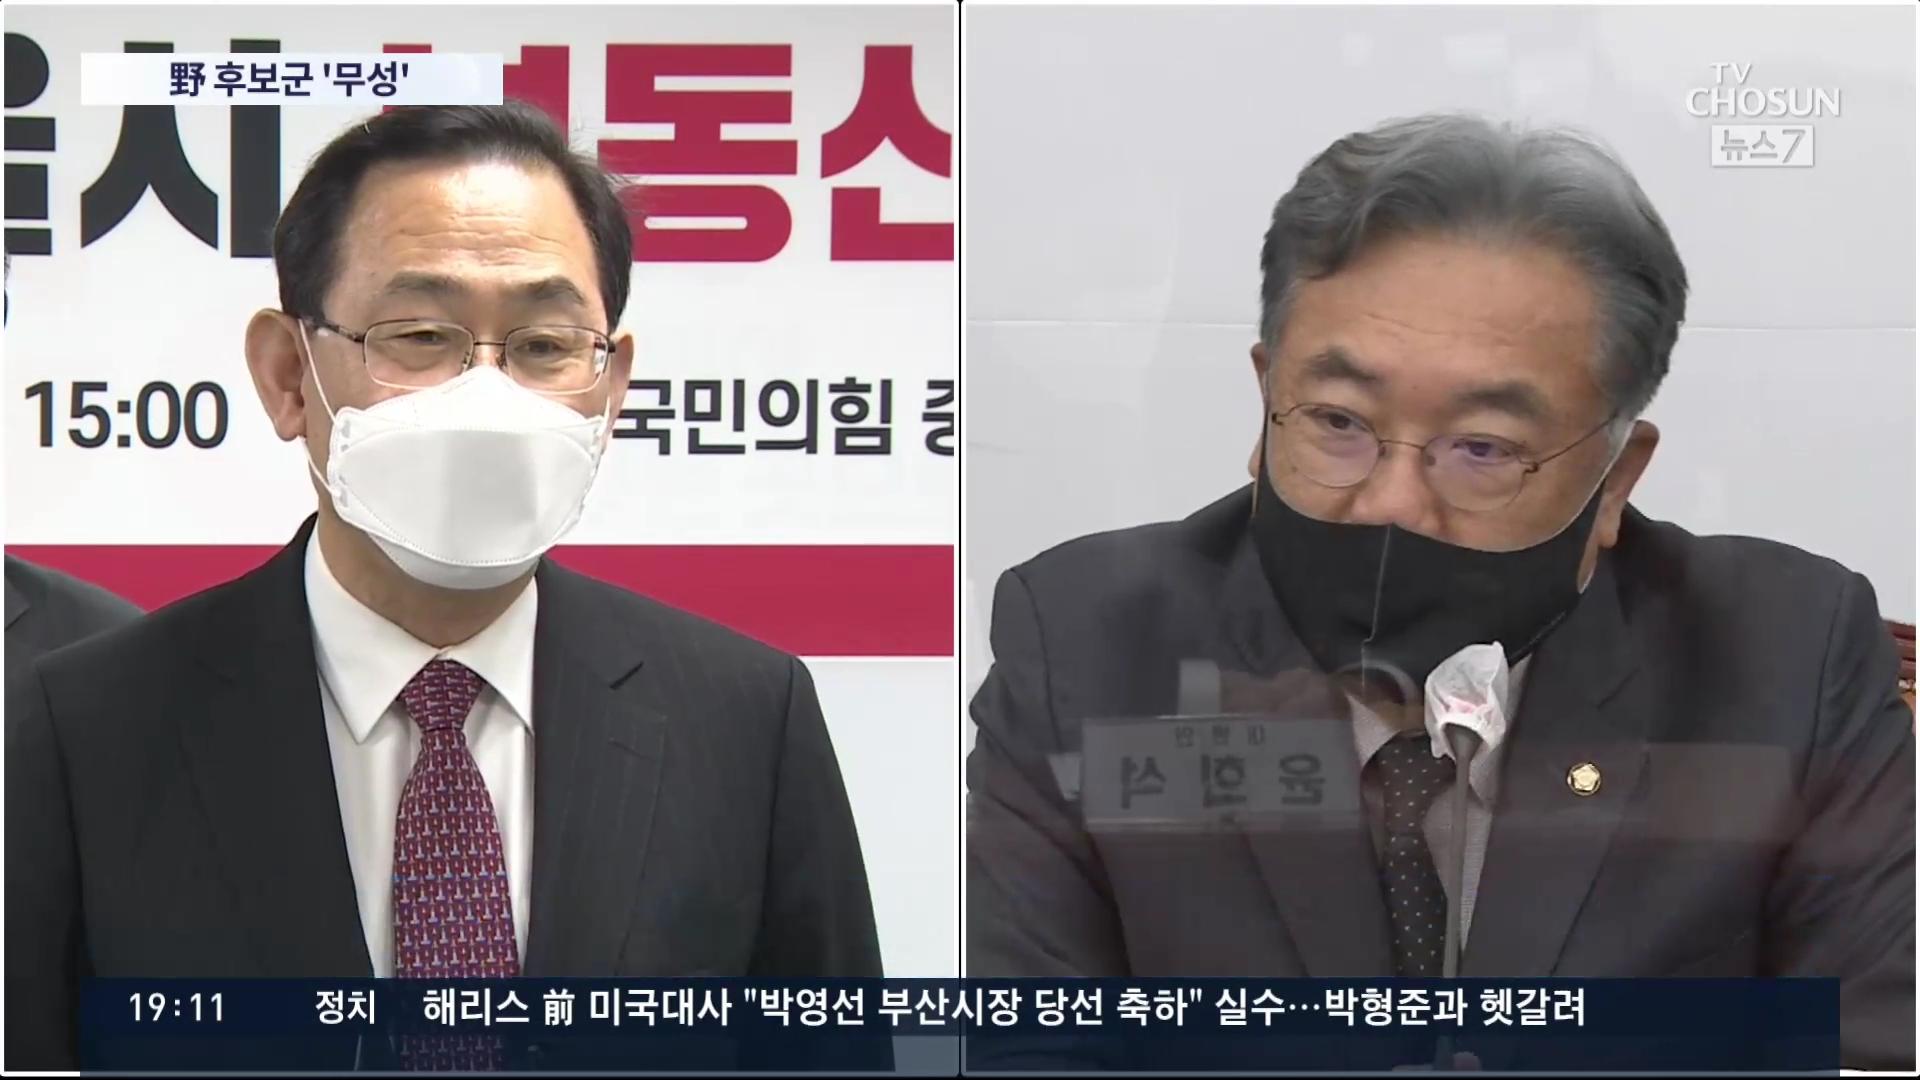 野 '포스트 김종인' 후보군 난립…김종인, 안철수에 '건방지게' 독설